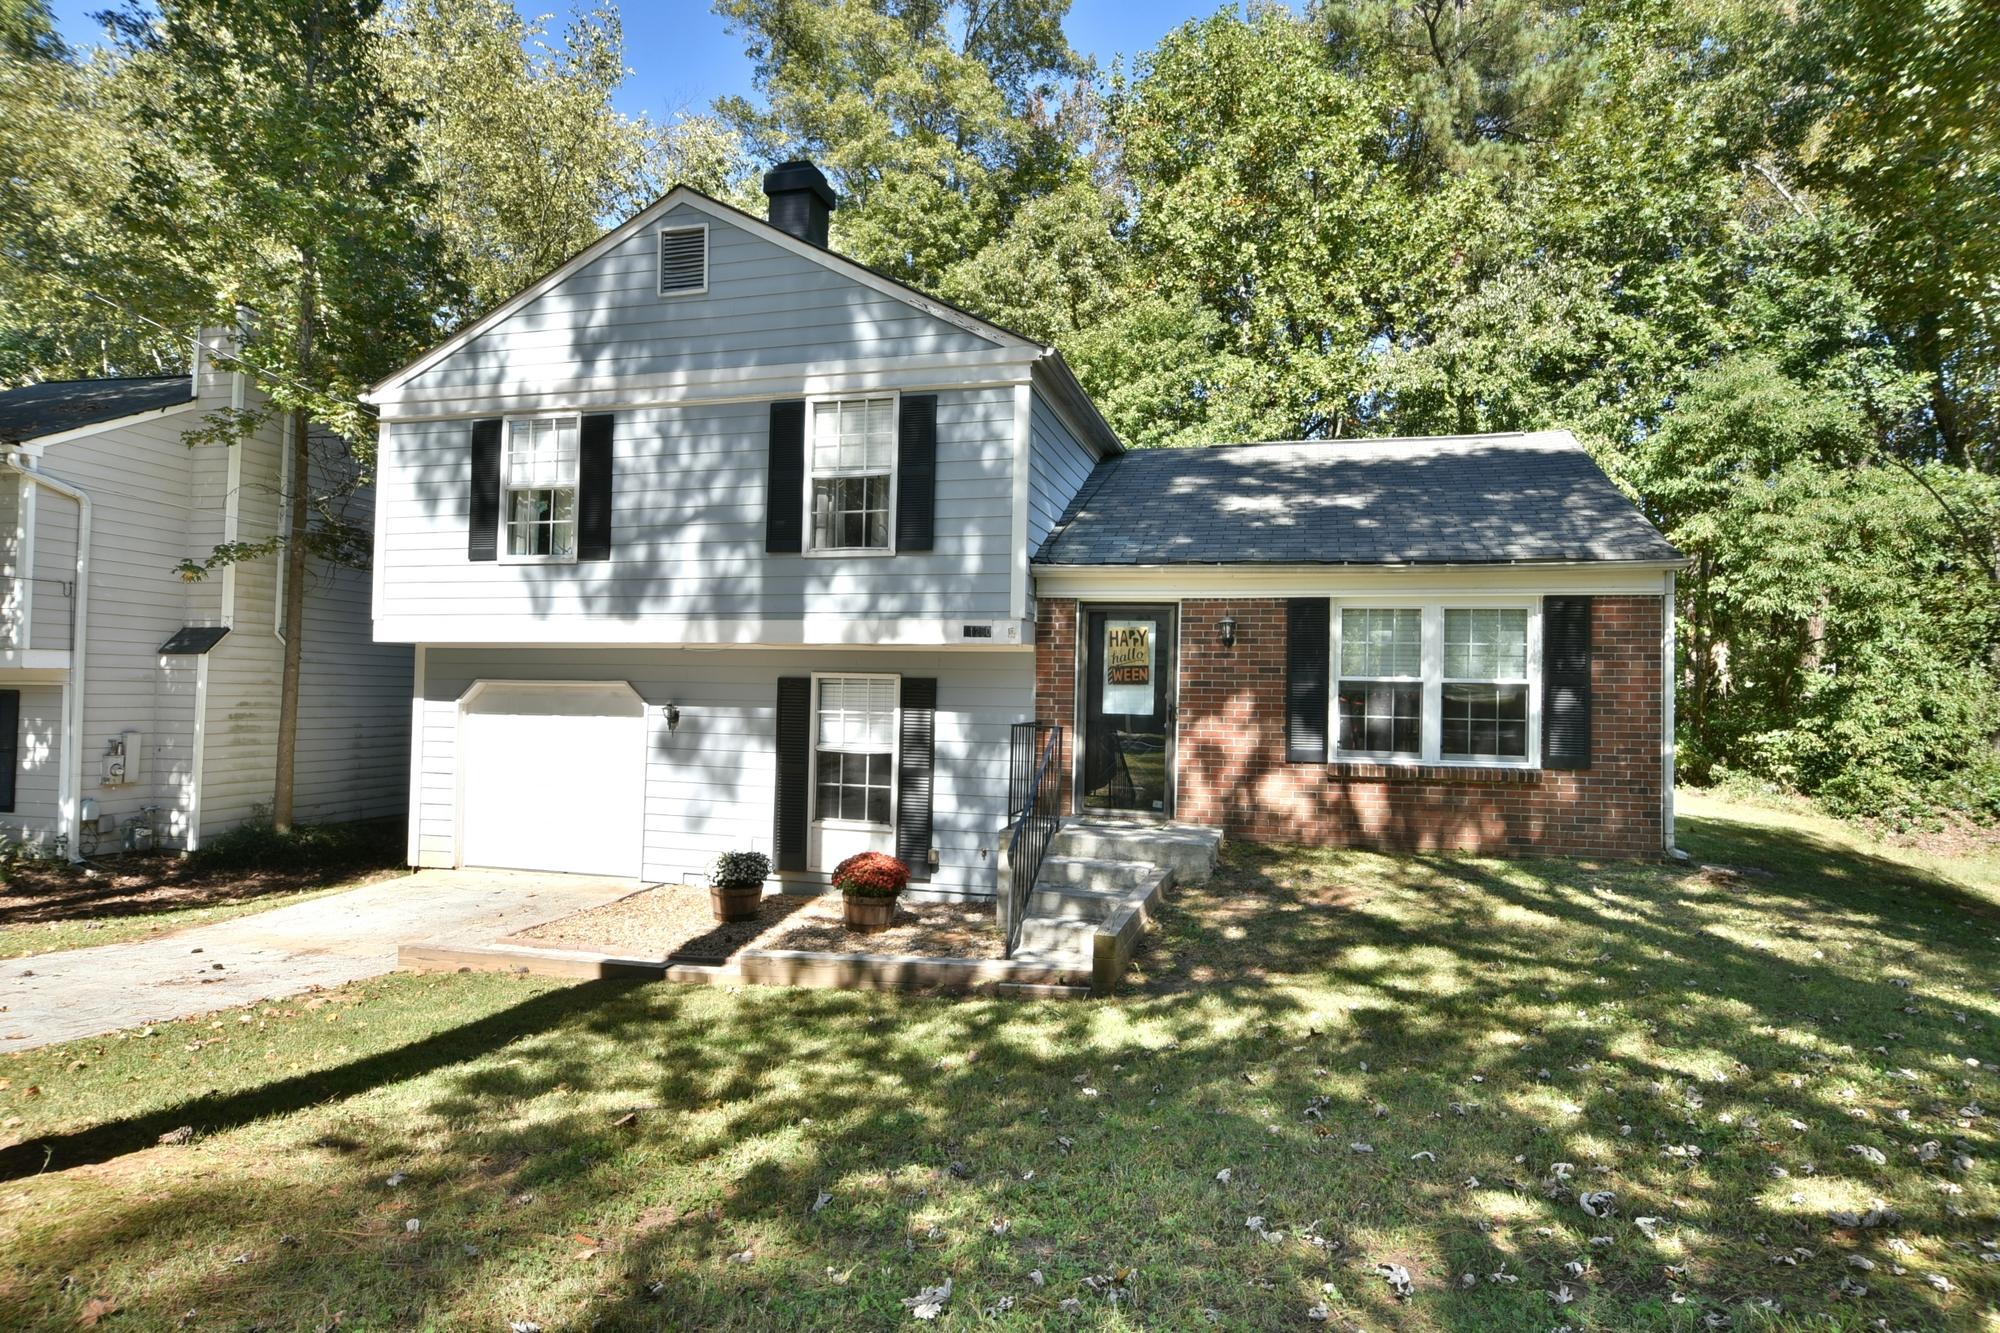 一戸建て のために 売買 アット Move In Ready - Top School District 11290 Bramshill Drive Alpharetta, ジョージア 30022 アメリカ合衆国